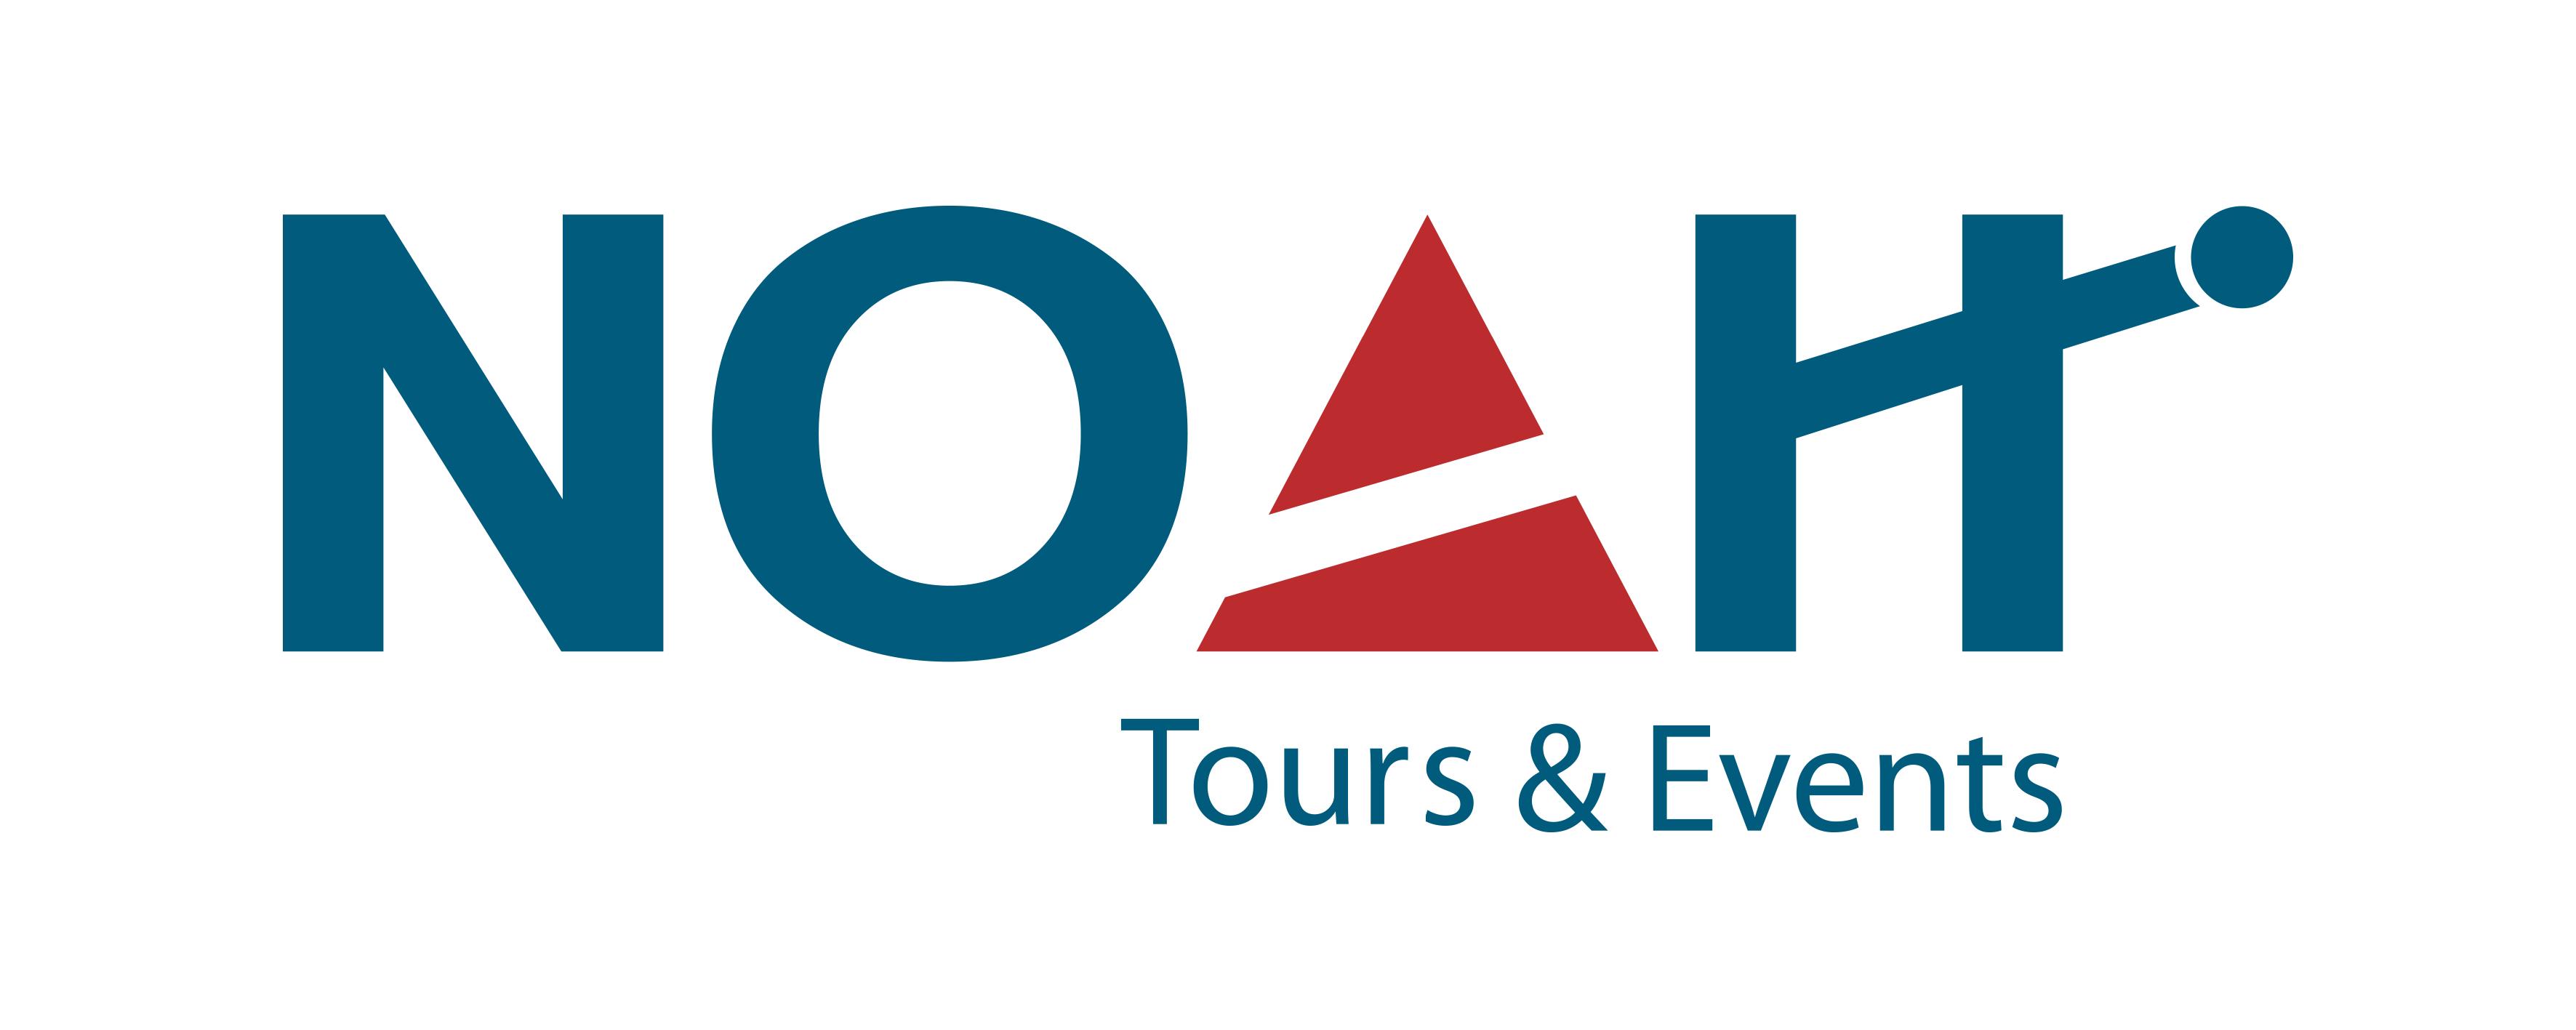 NOAH Tour